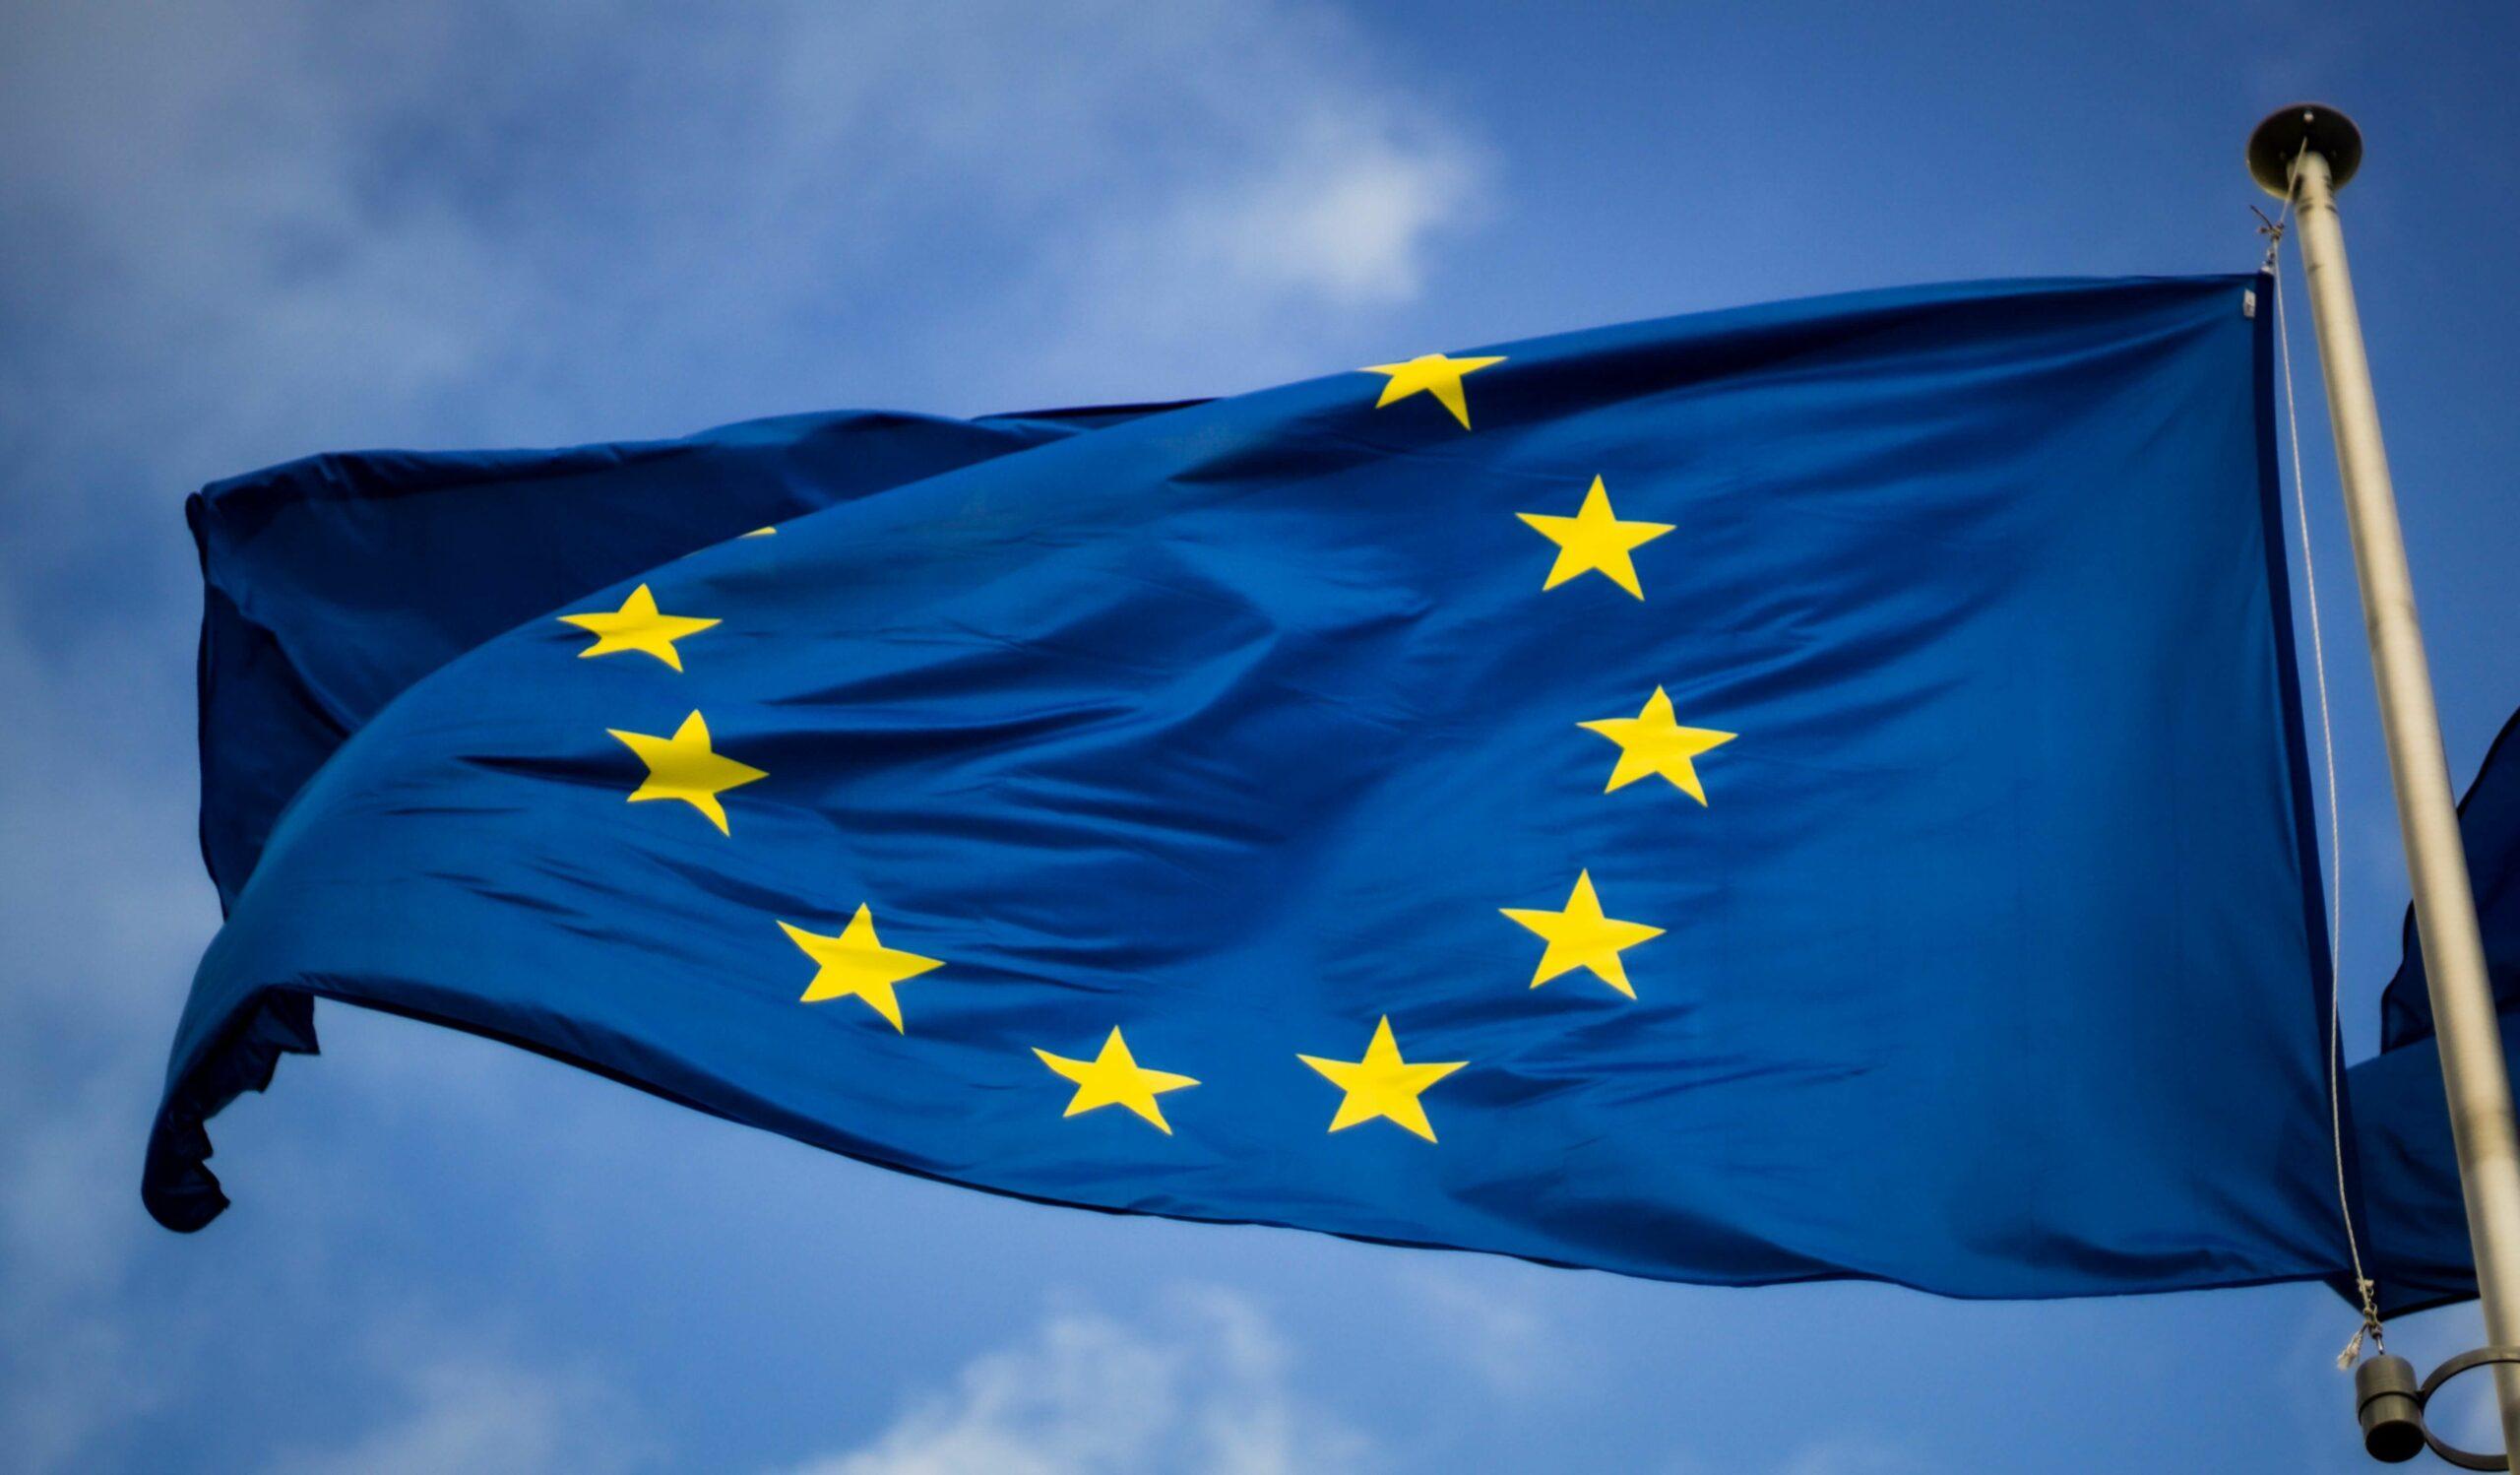 Бизнес-иммиграция: топ-10 европейских стран, в которые переезжают бизнесмены